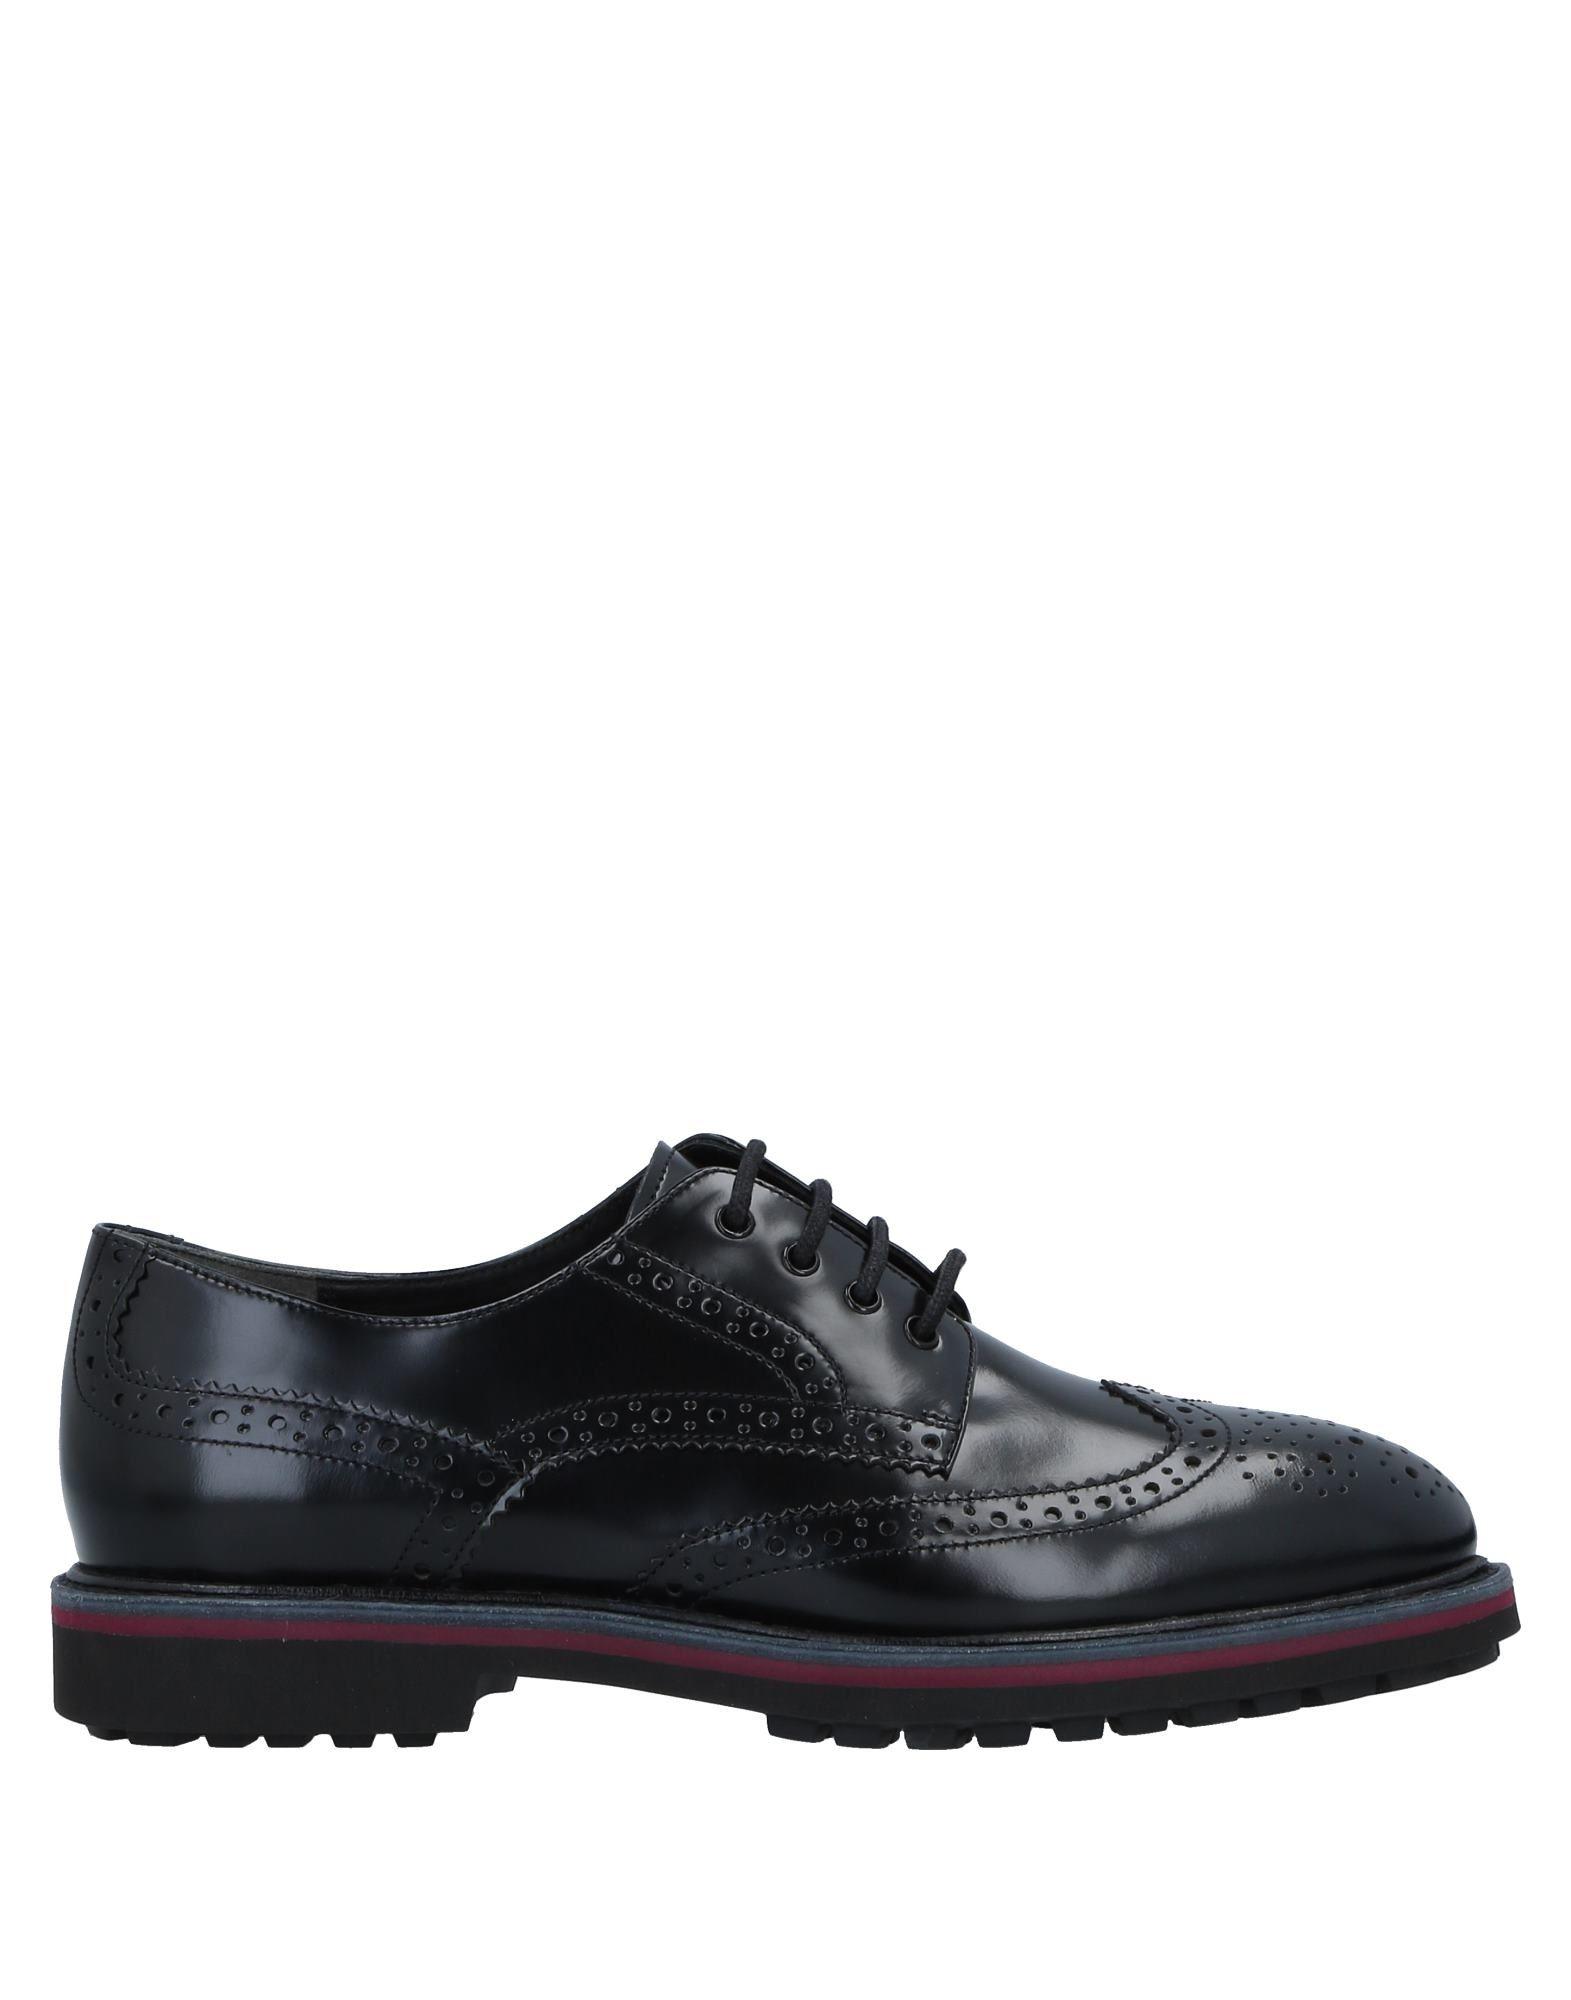 JKJY by STELLA Обувь на шнурках обувь для дома d919 stella 2015